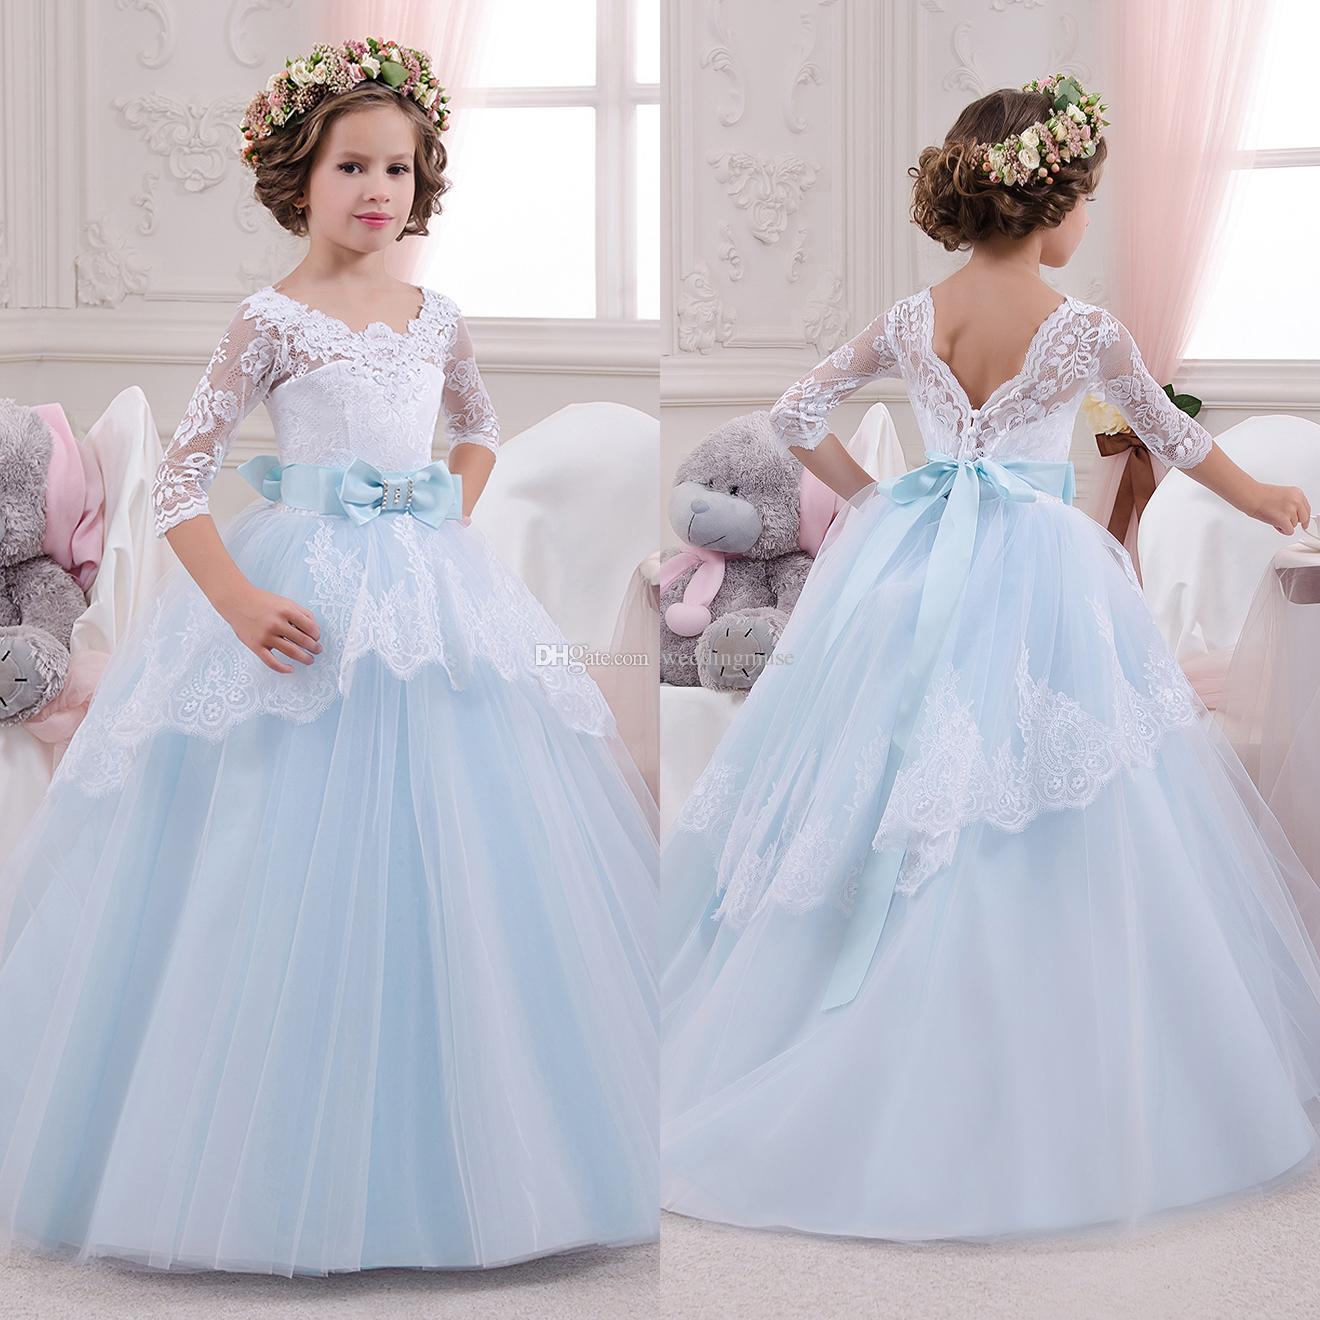 025f93c4b1a Compre 2019 Nuevo Vestido De Fiesta Vestidos De Niña De Las Flores Para La  Boda Princesa Light Blue Bow Tulle Beads Vestido De Primera Comunión  Vestidos De ...